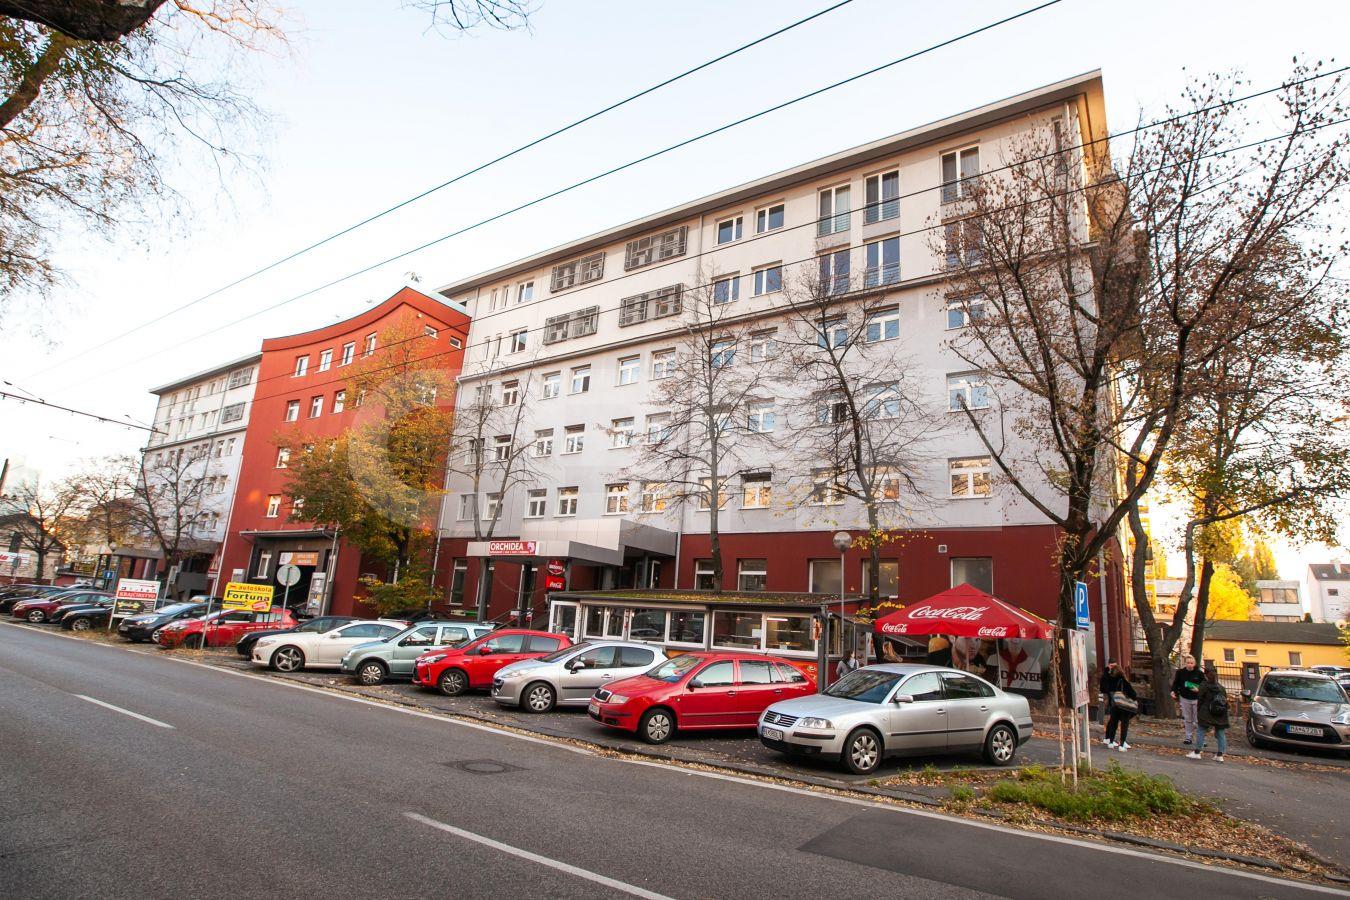 Zahradnícka 46, Bratislava - Ružinov | Offices for rent by CBRE | 2